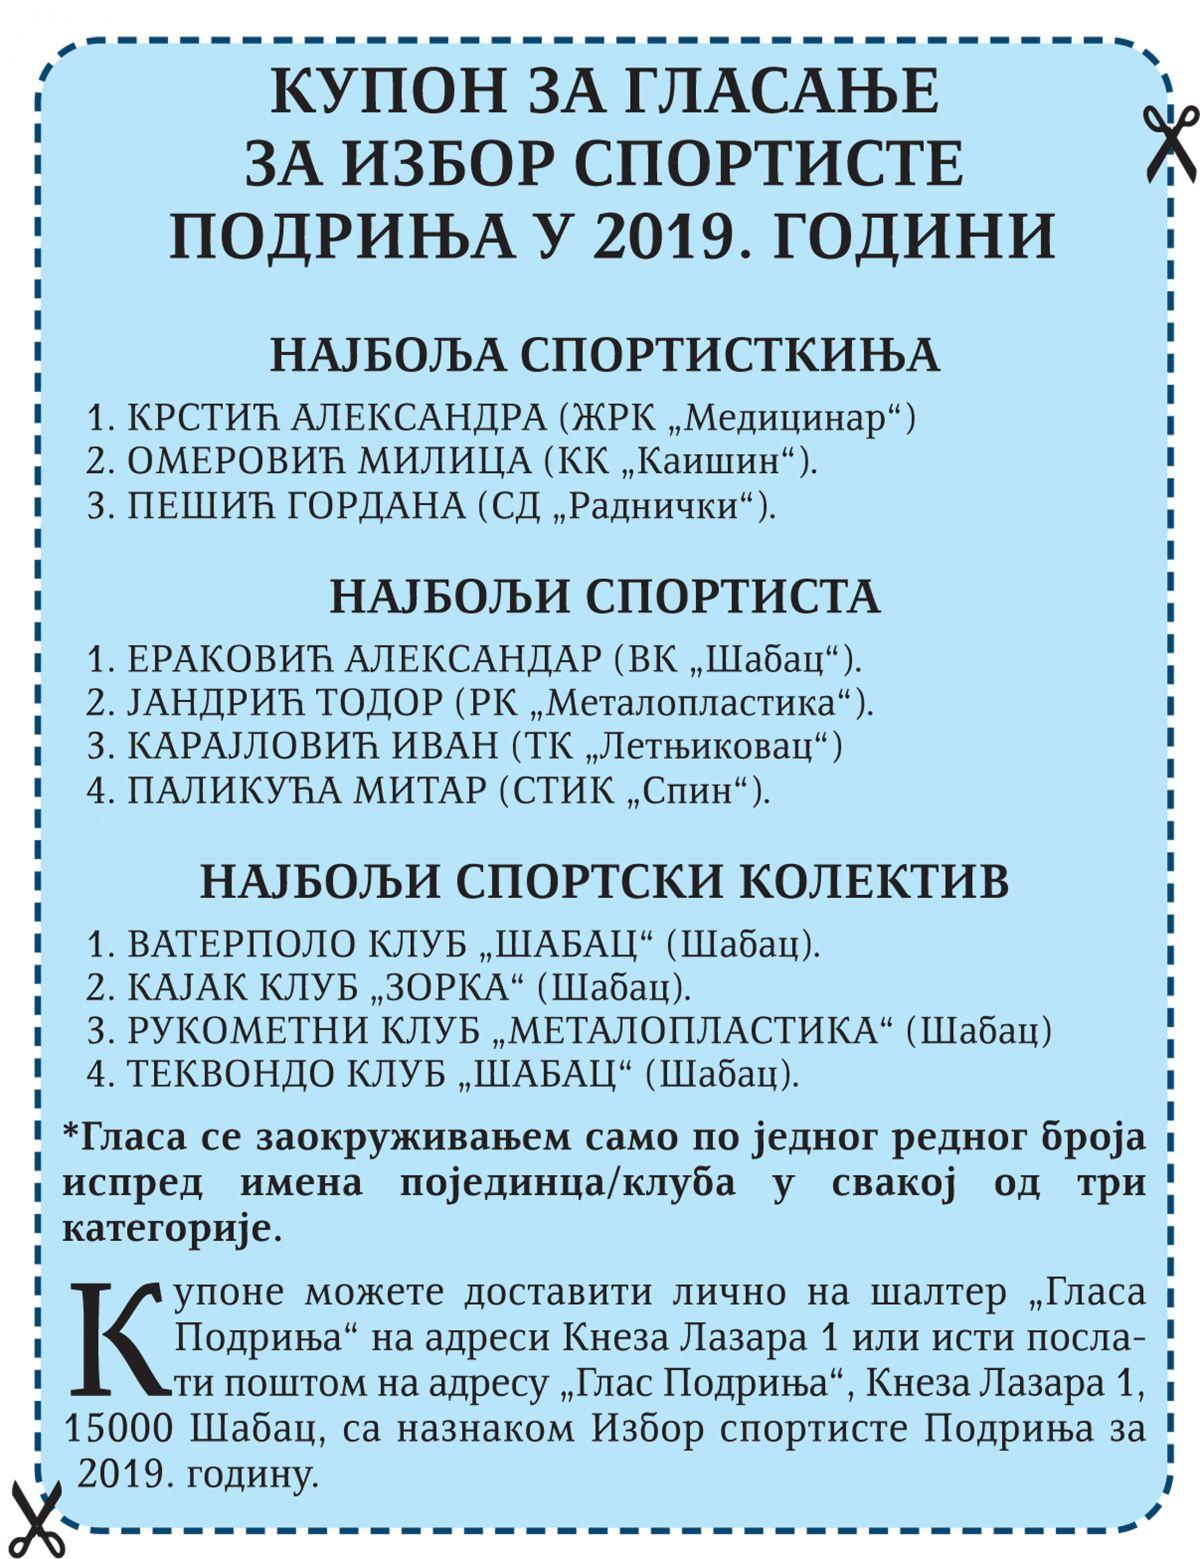 Избор спортисте Подриња у 2019. години